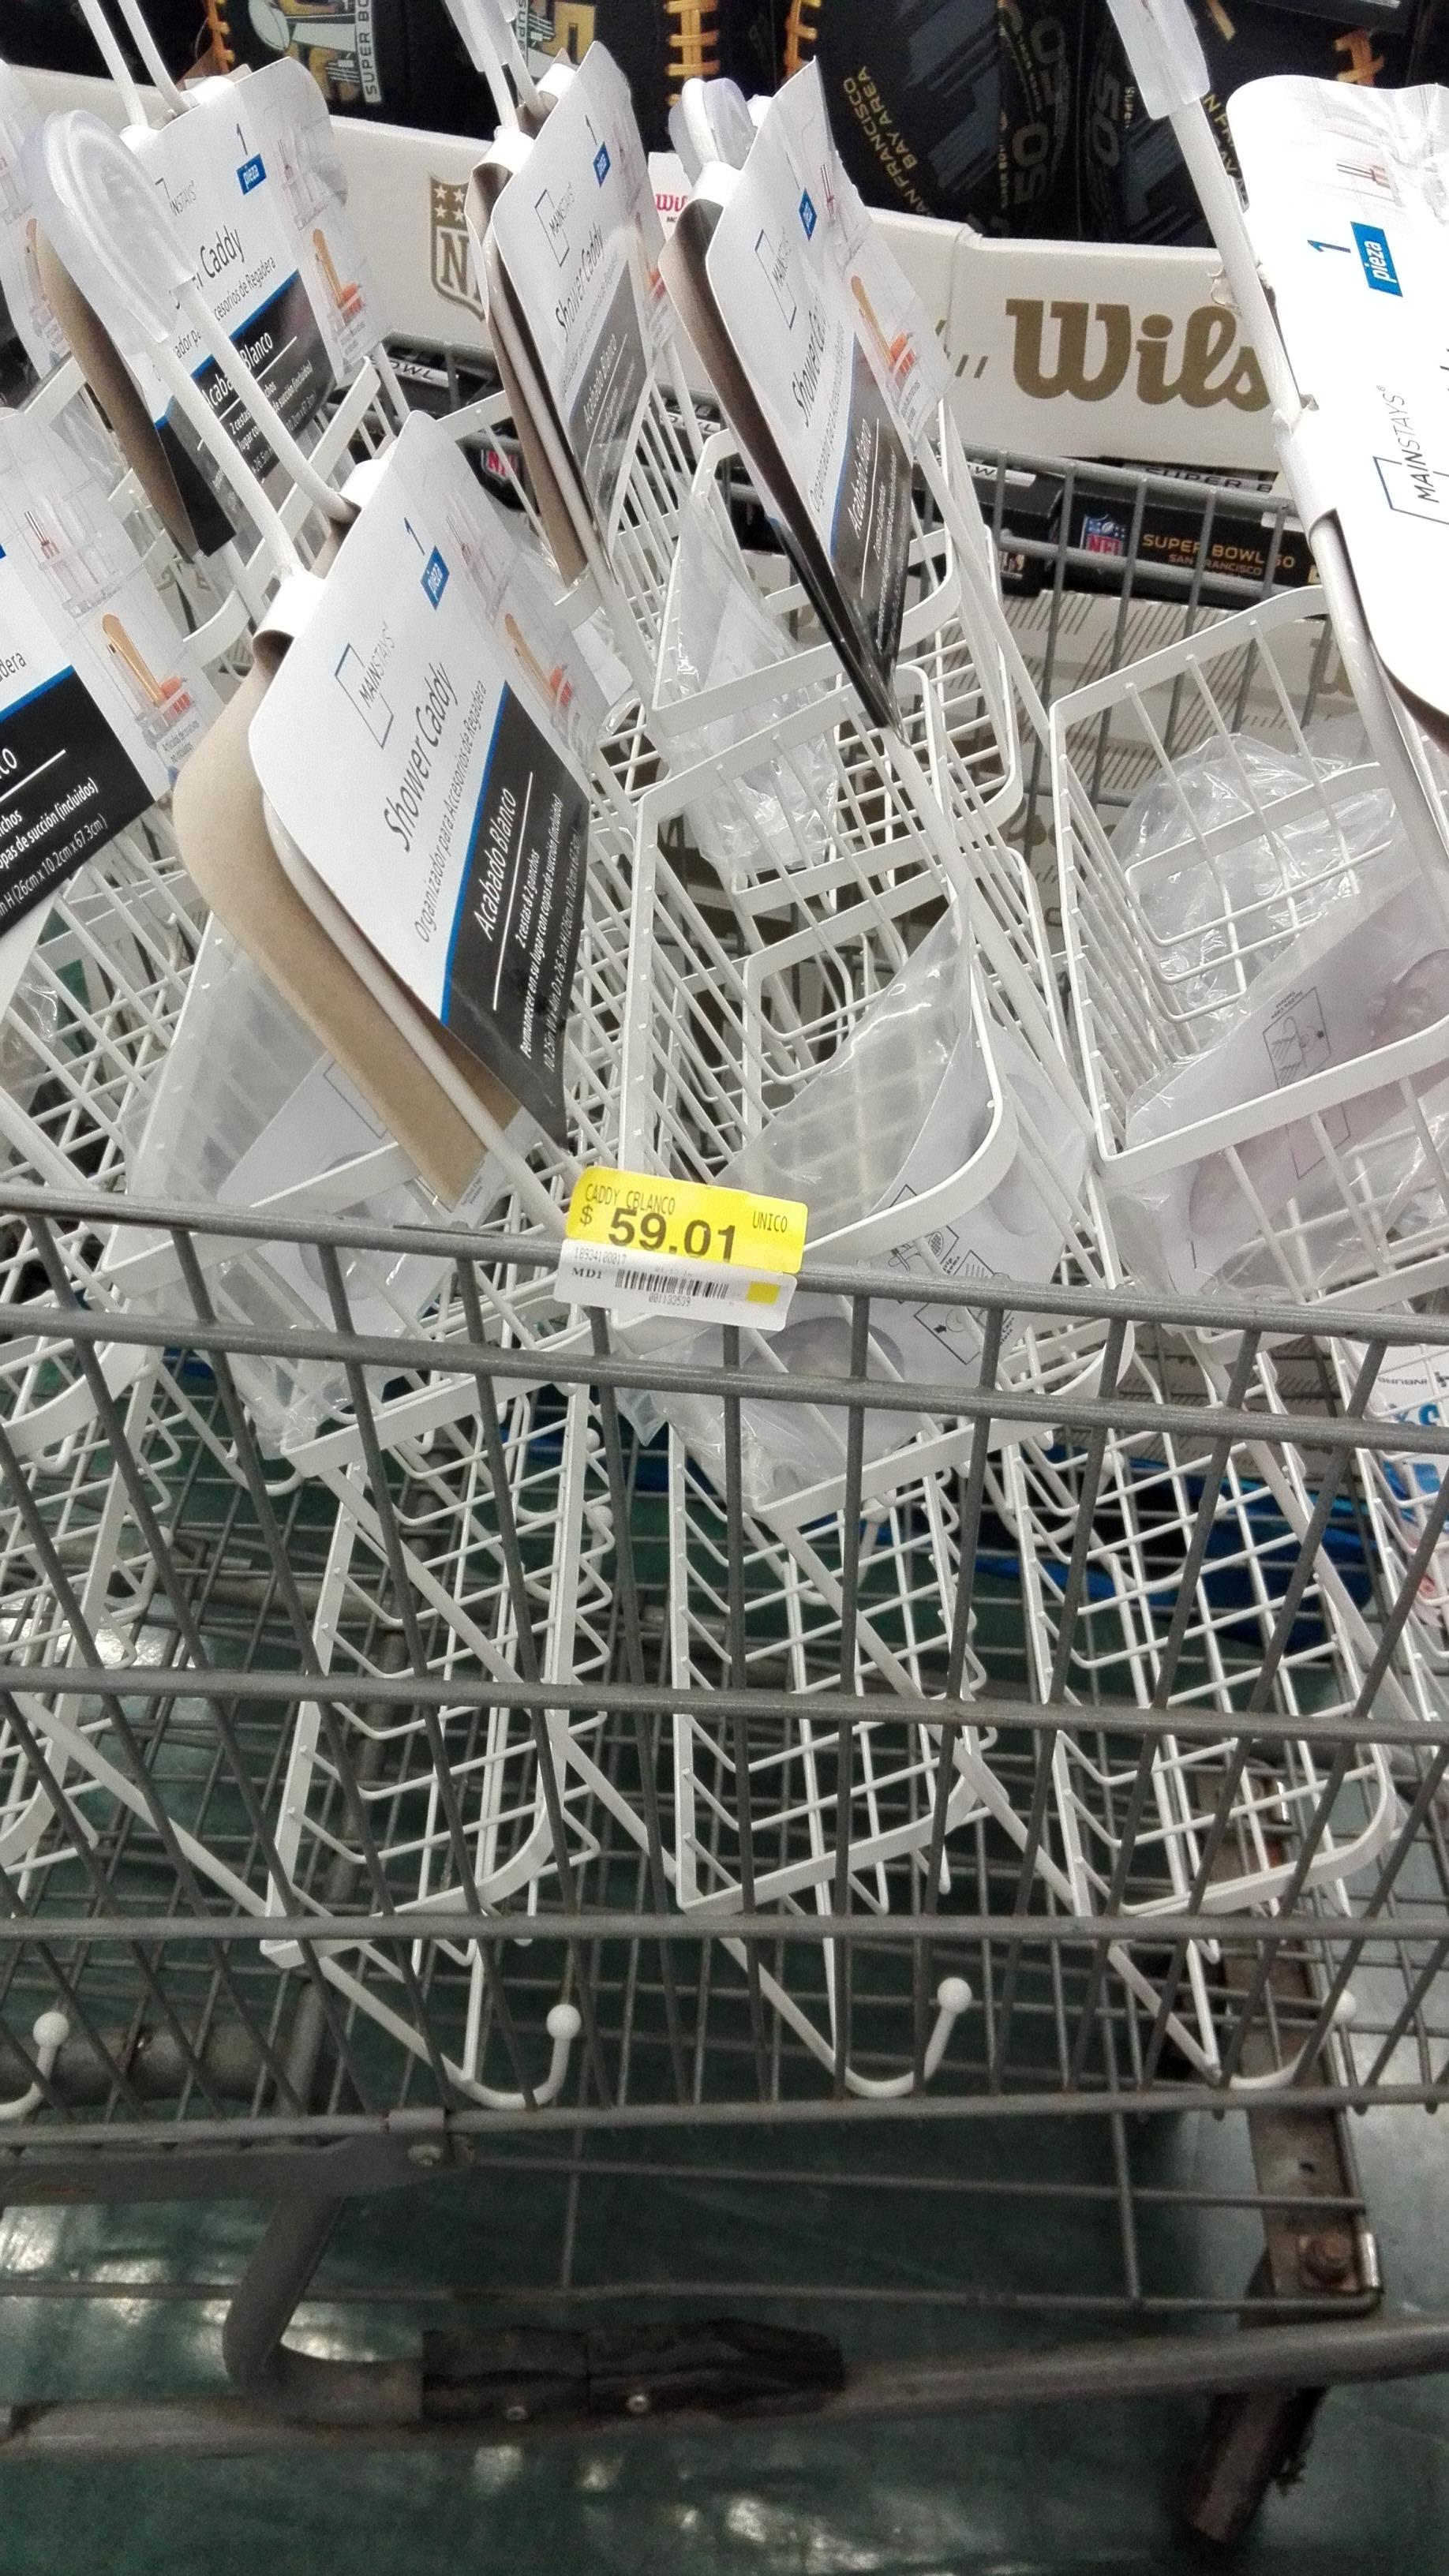 Walmart Ote Tuxtla Gtz, Chis.: Organizador para regadera a solo $59.01